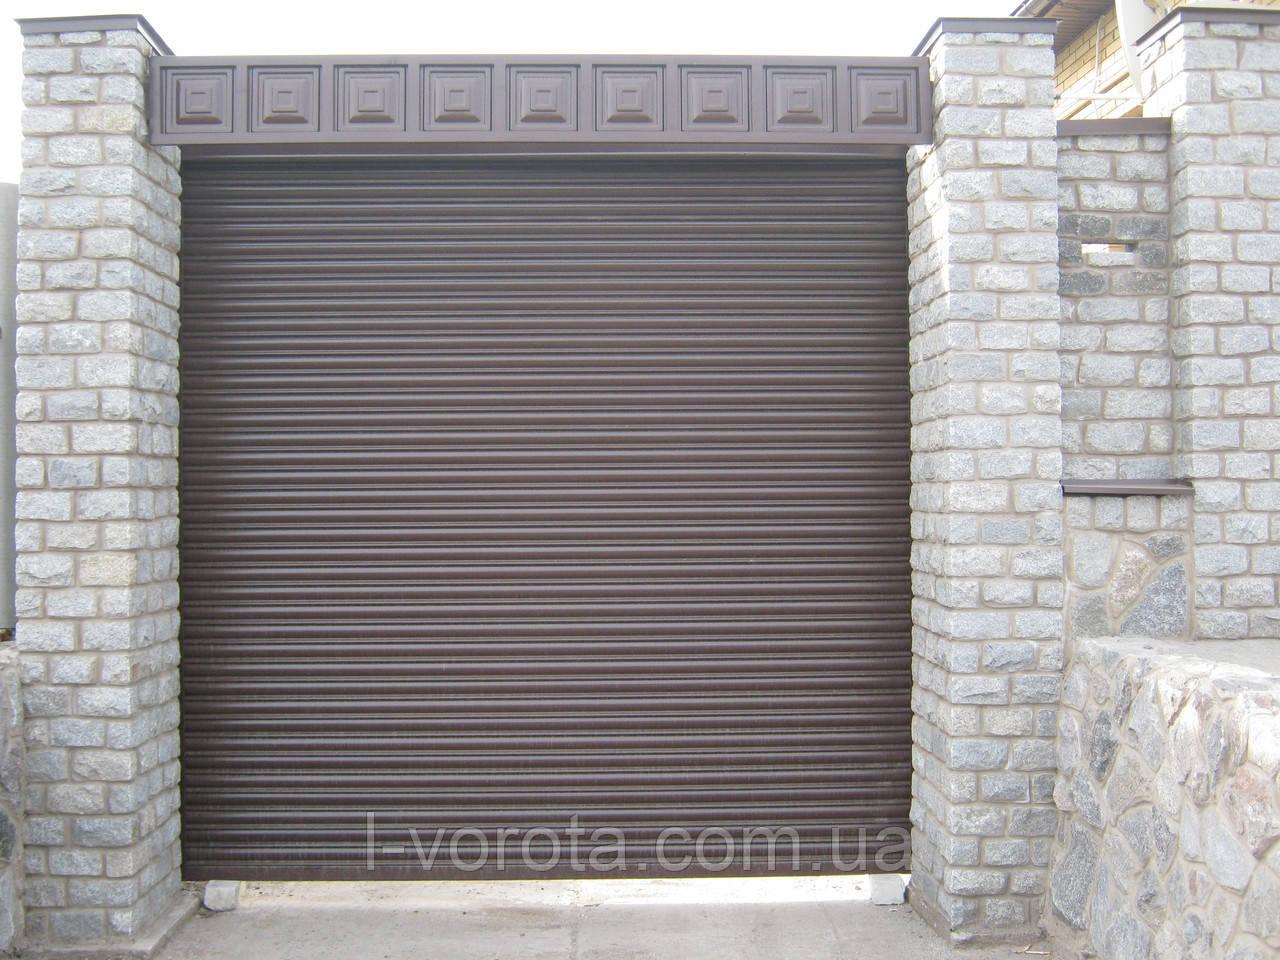 Ворота вьездные рулонные  (стальной профиль 76) ТМ HARDWICK (Хардвик) 2300 на 2600